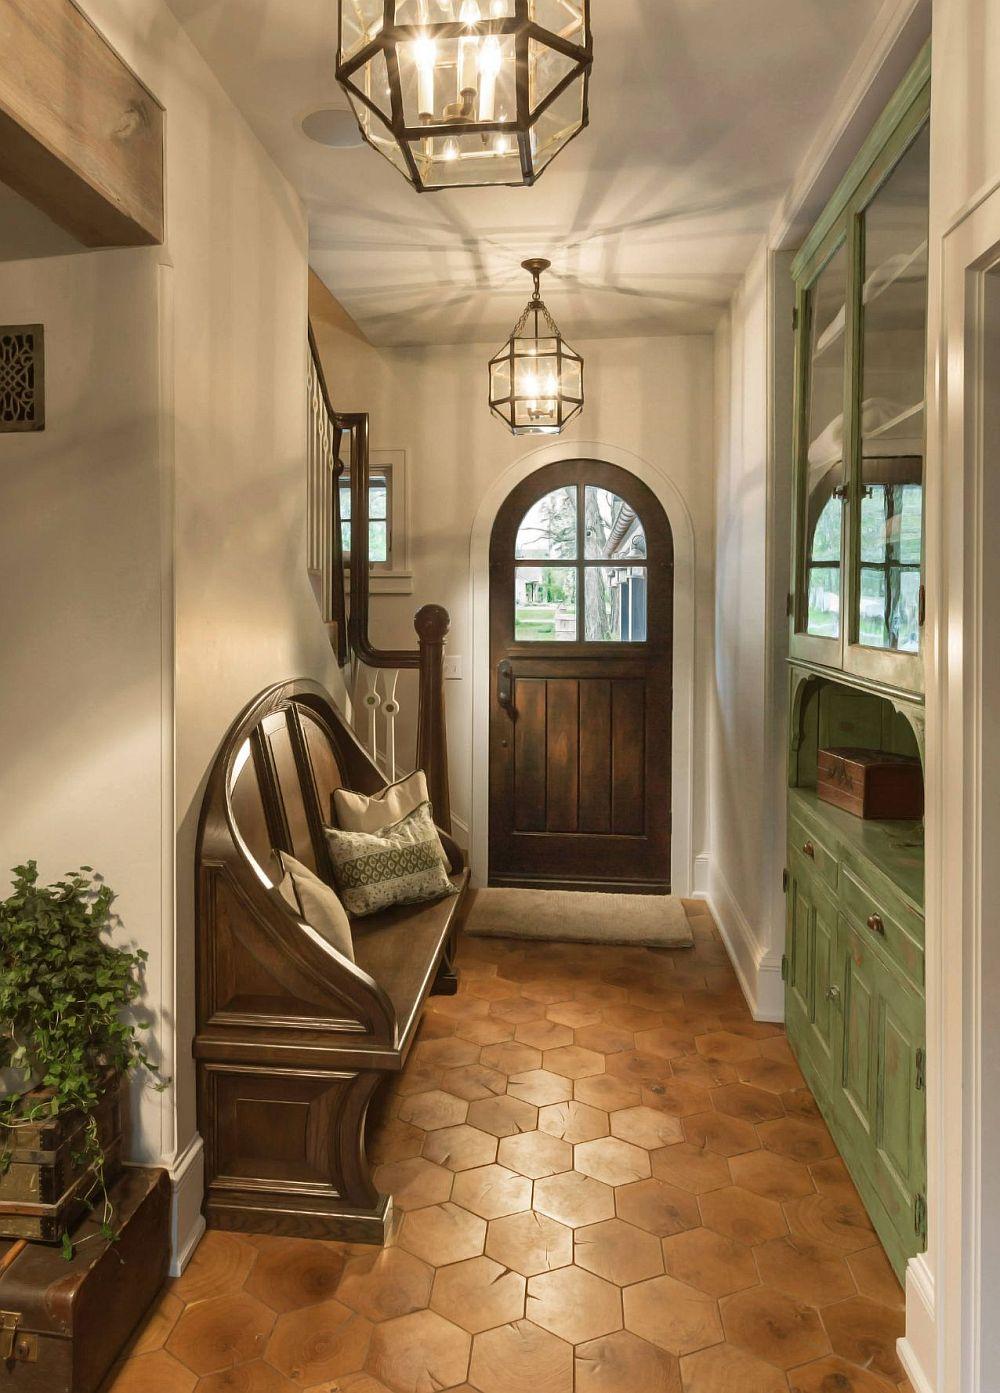 Dacă-și place stilul rustic poți avea o uă de intrare mai deosebită, iar mobilierul de pe hol asortat ca și design, dar într-o culoare plăcută complementară celei dominante. Aici combinația este de brun-roșcat cu verde.